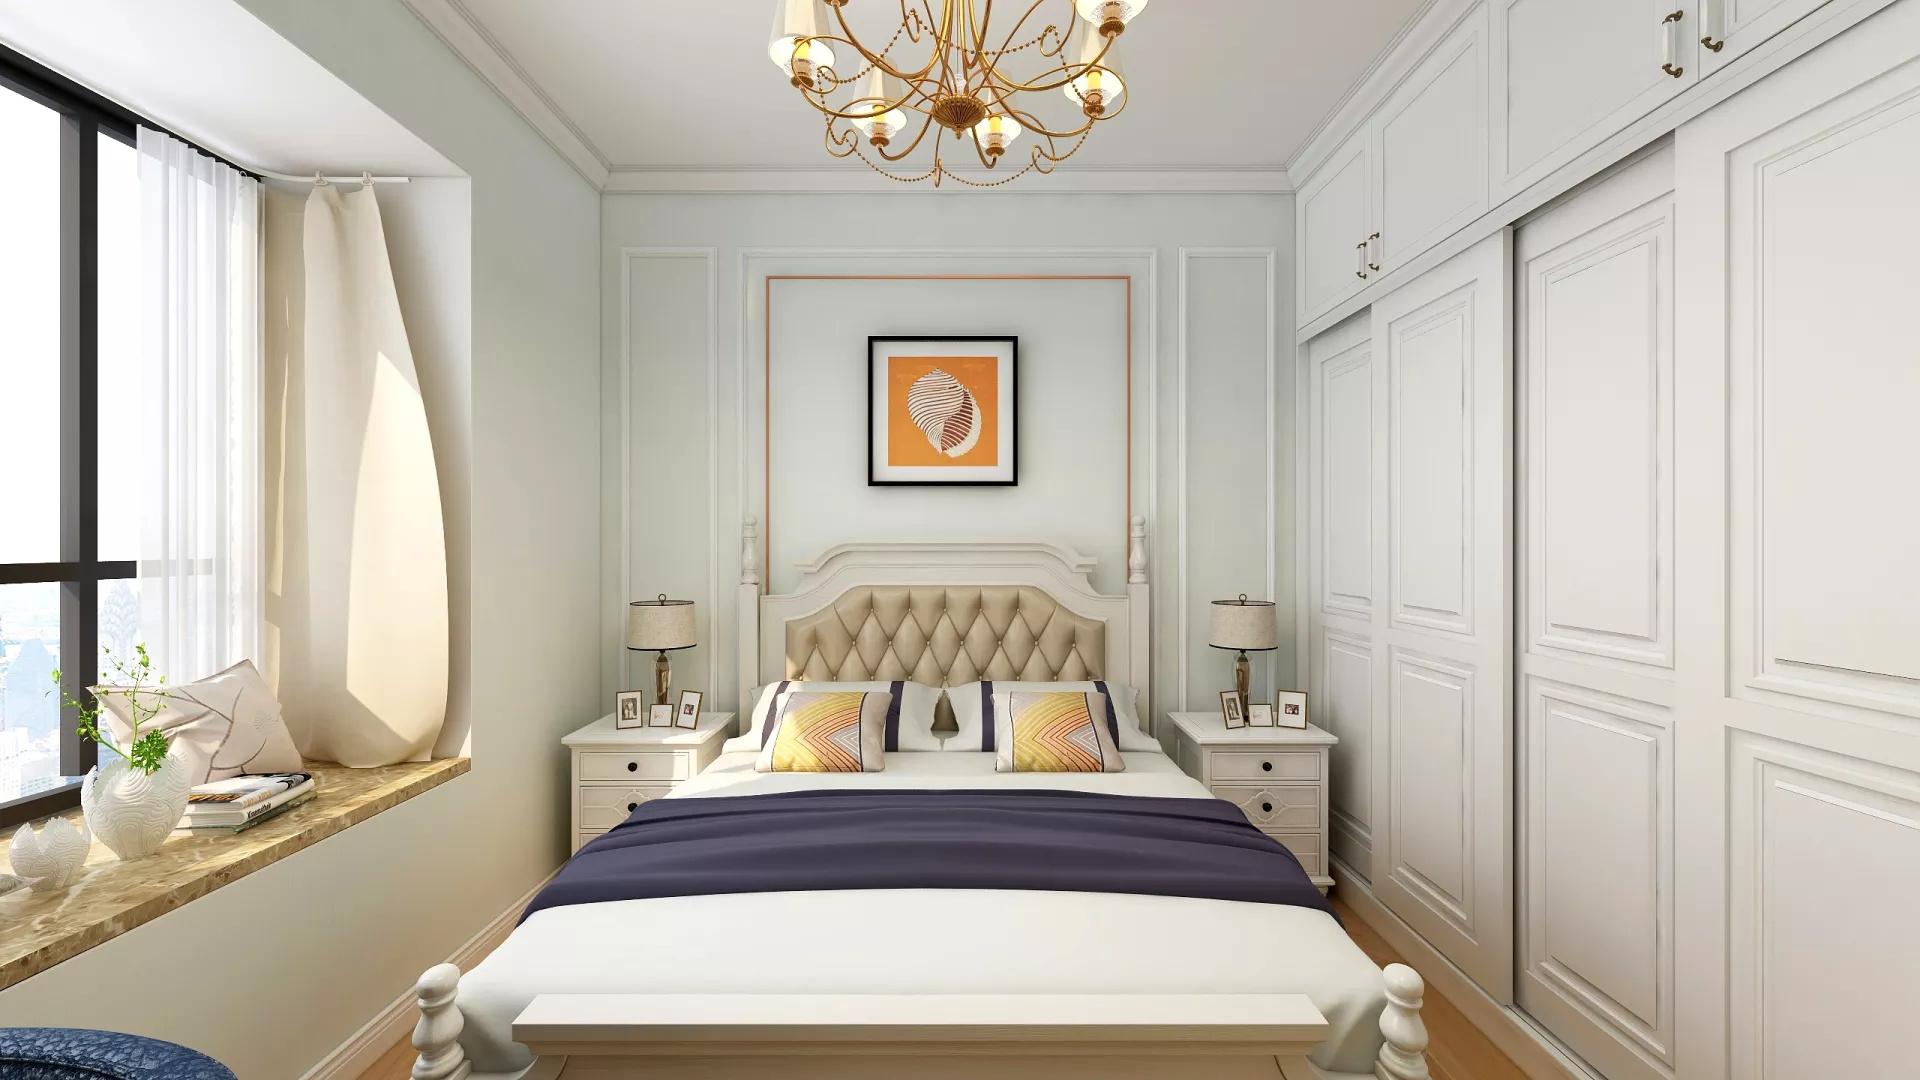 嵌入式书房设计要点 卧室书房效果图